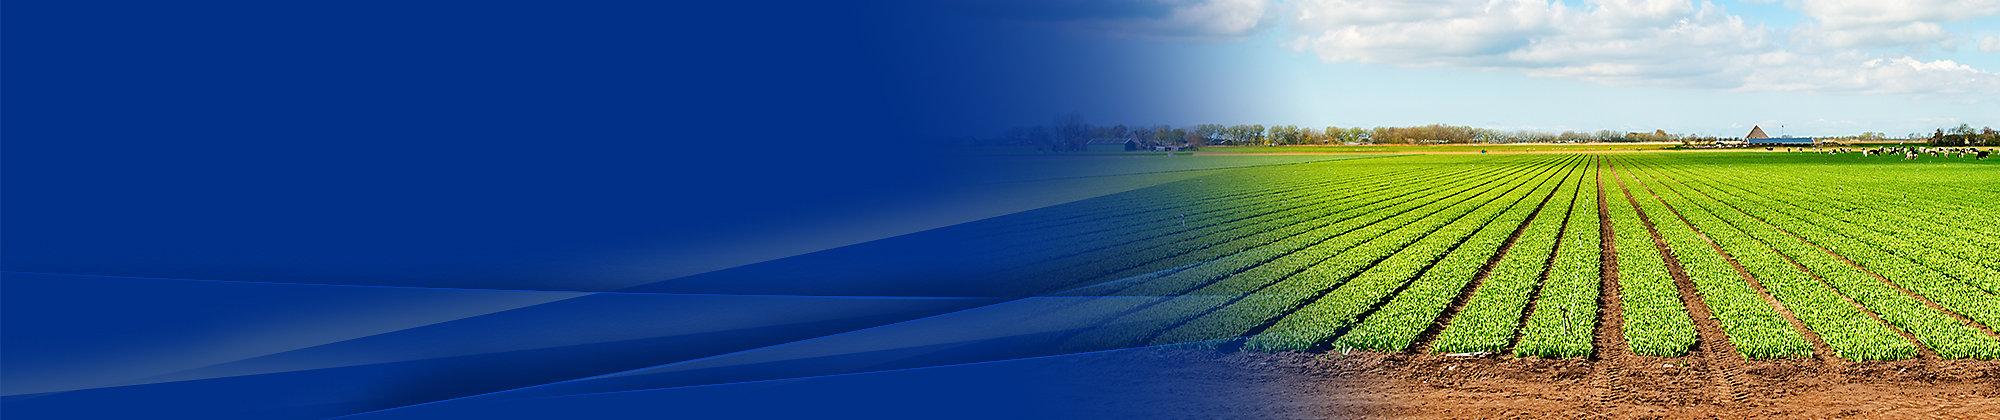 农业大标题